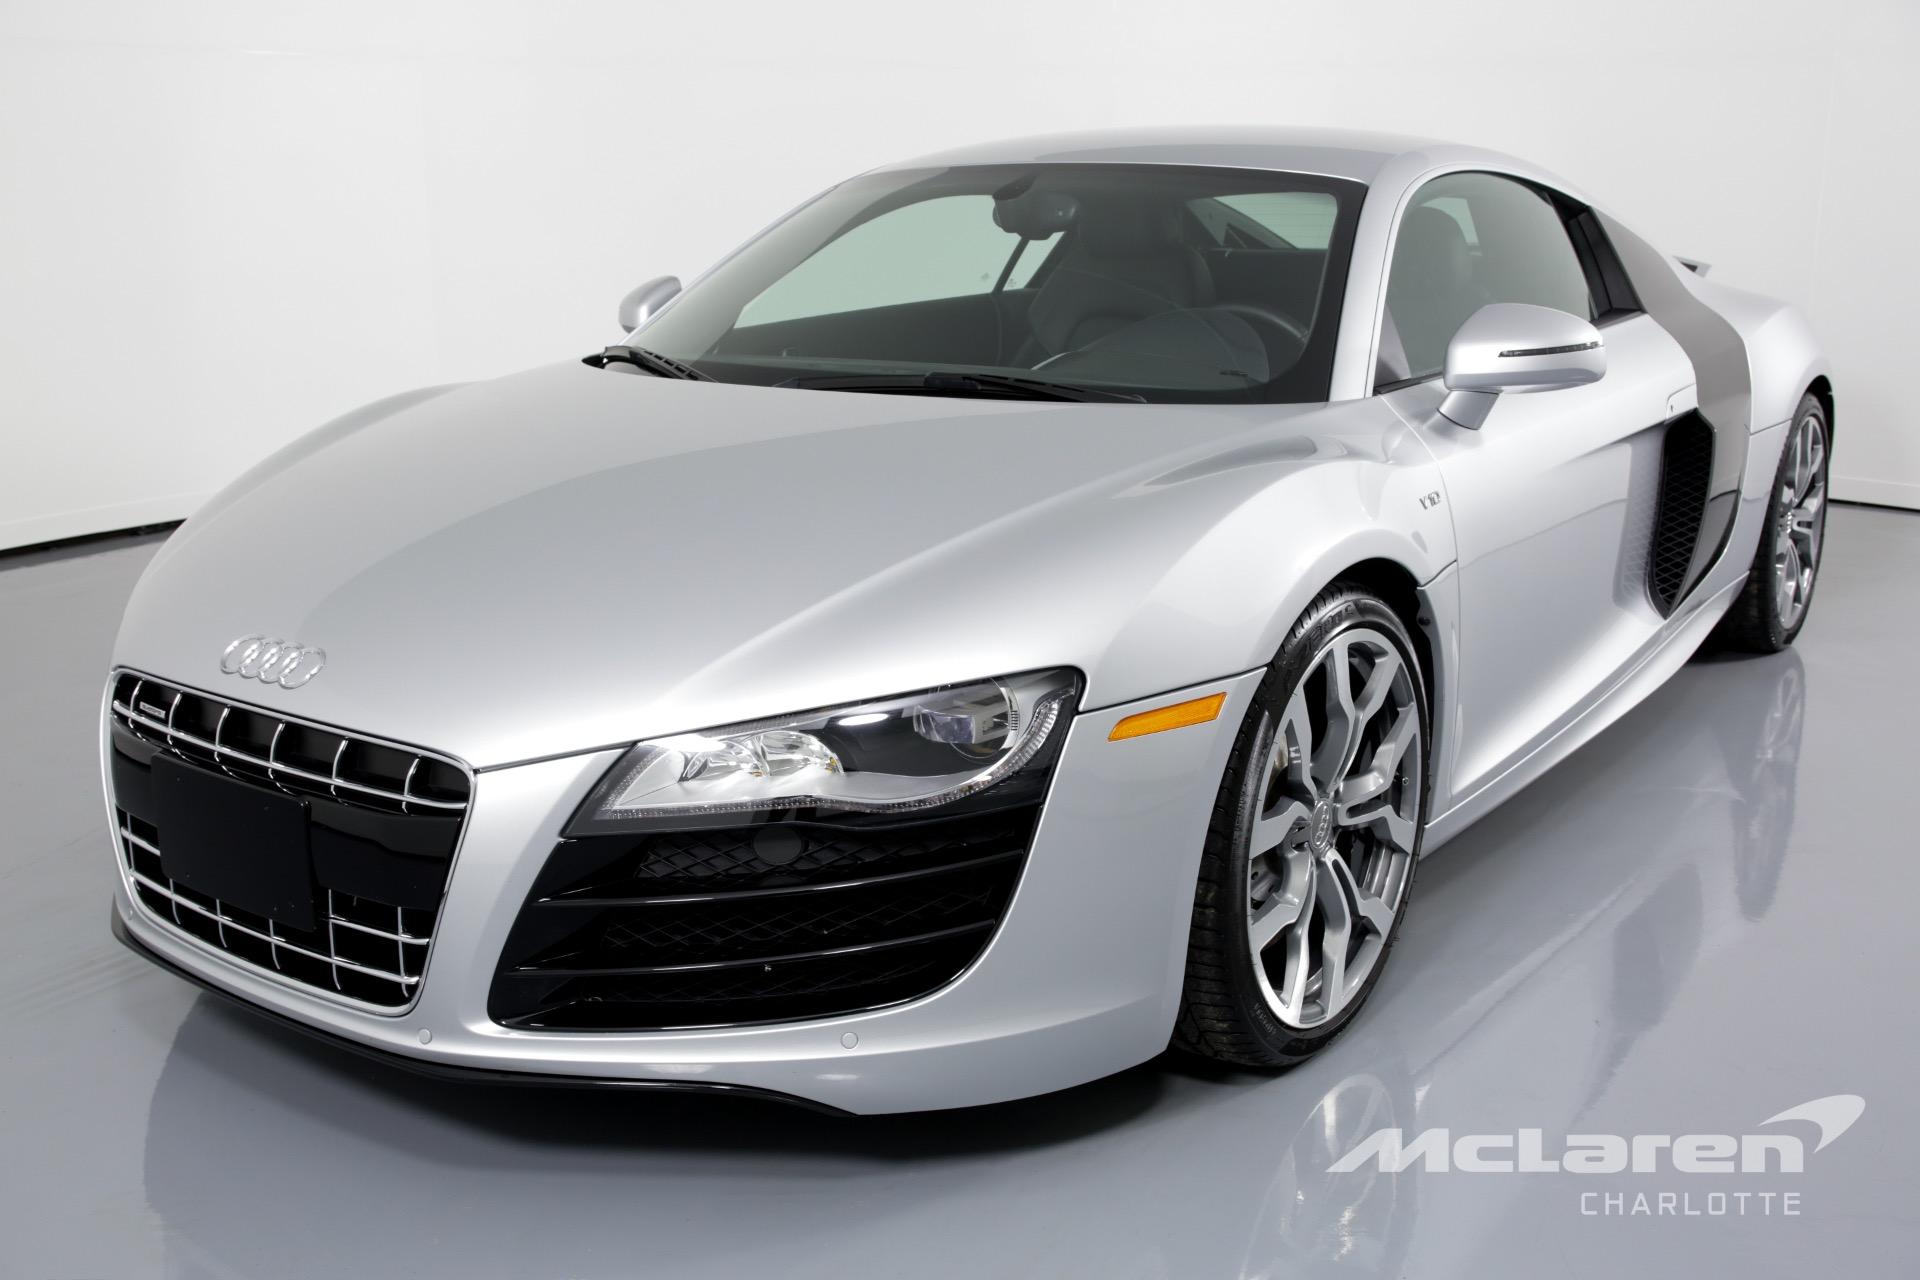 Used 2010 Audi R8 5.2 quattro For Sale ($108,456 ...